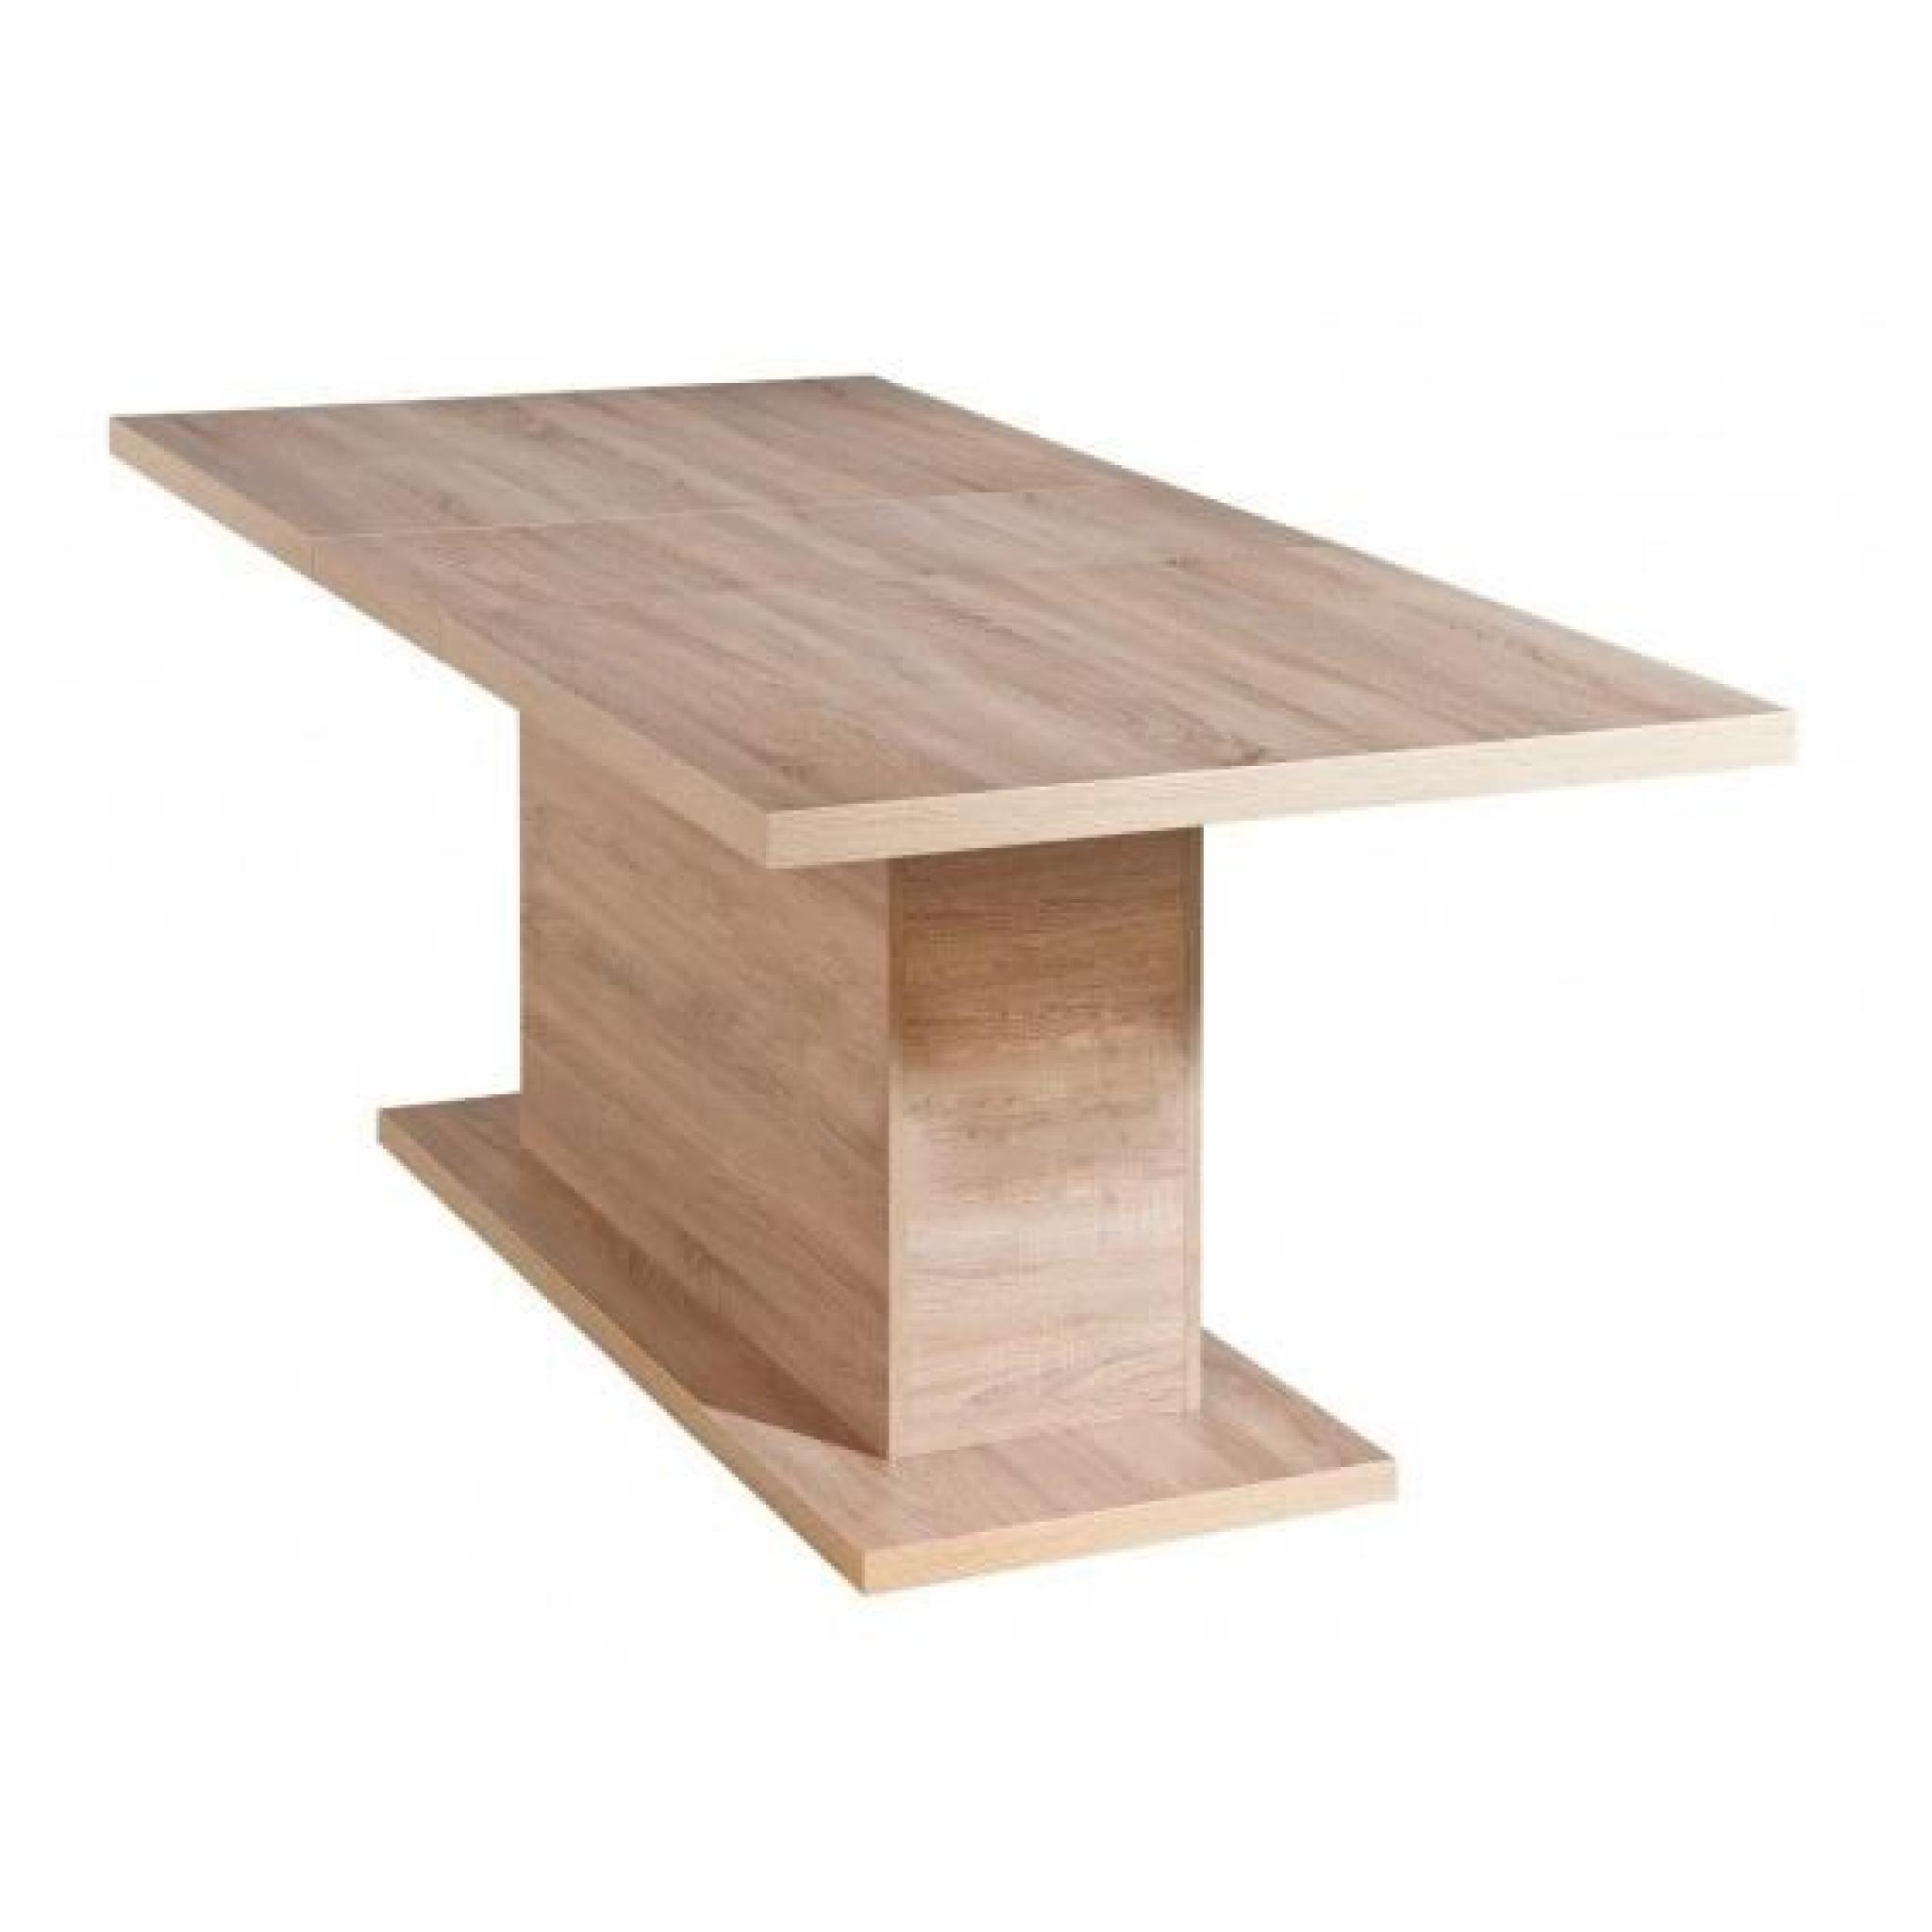 myca table pied central avec allonge achat vente table salle a manger pas cher couleur et. Black Bedroom Furniture Sets. Home Design Ideas